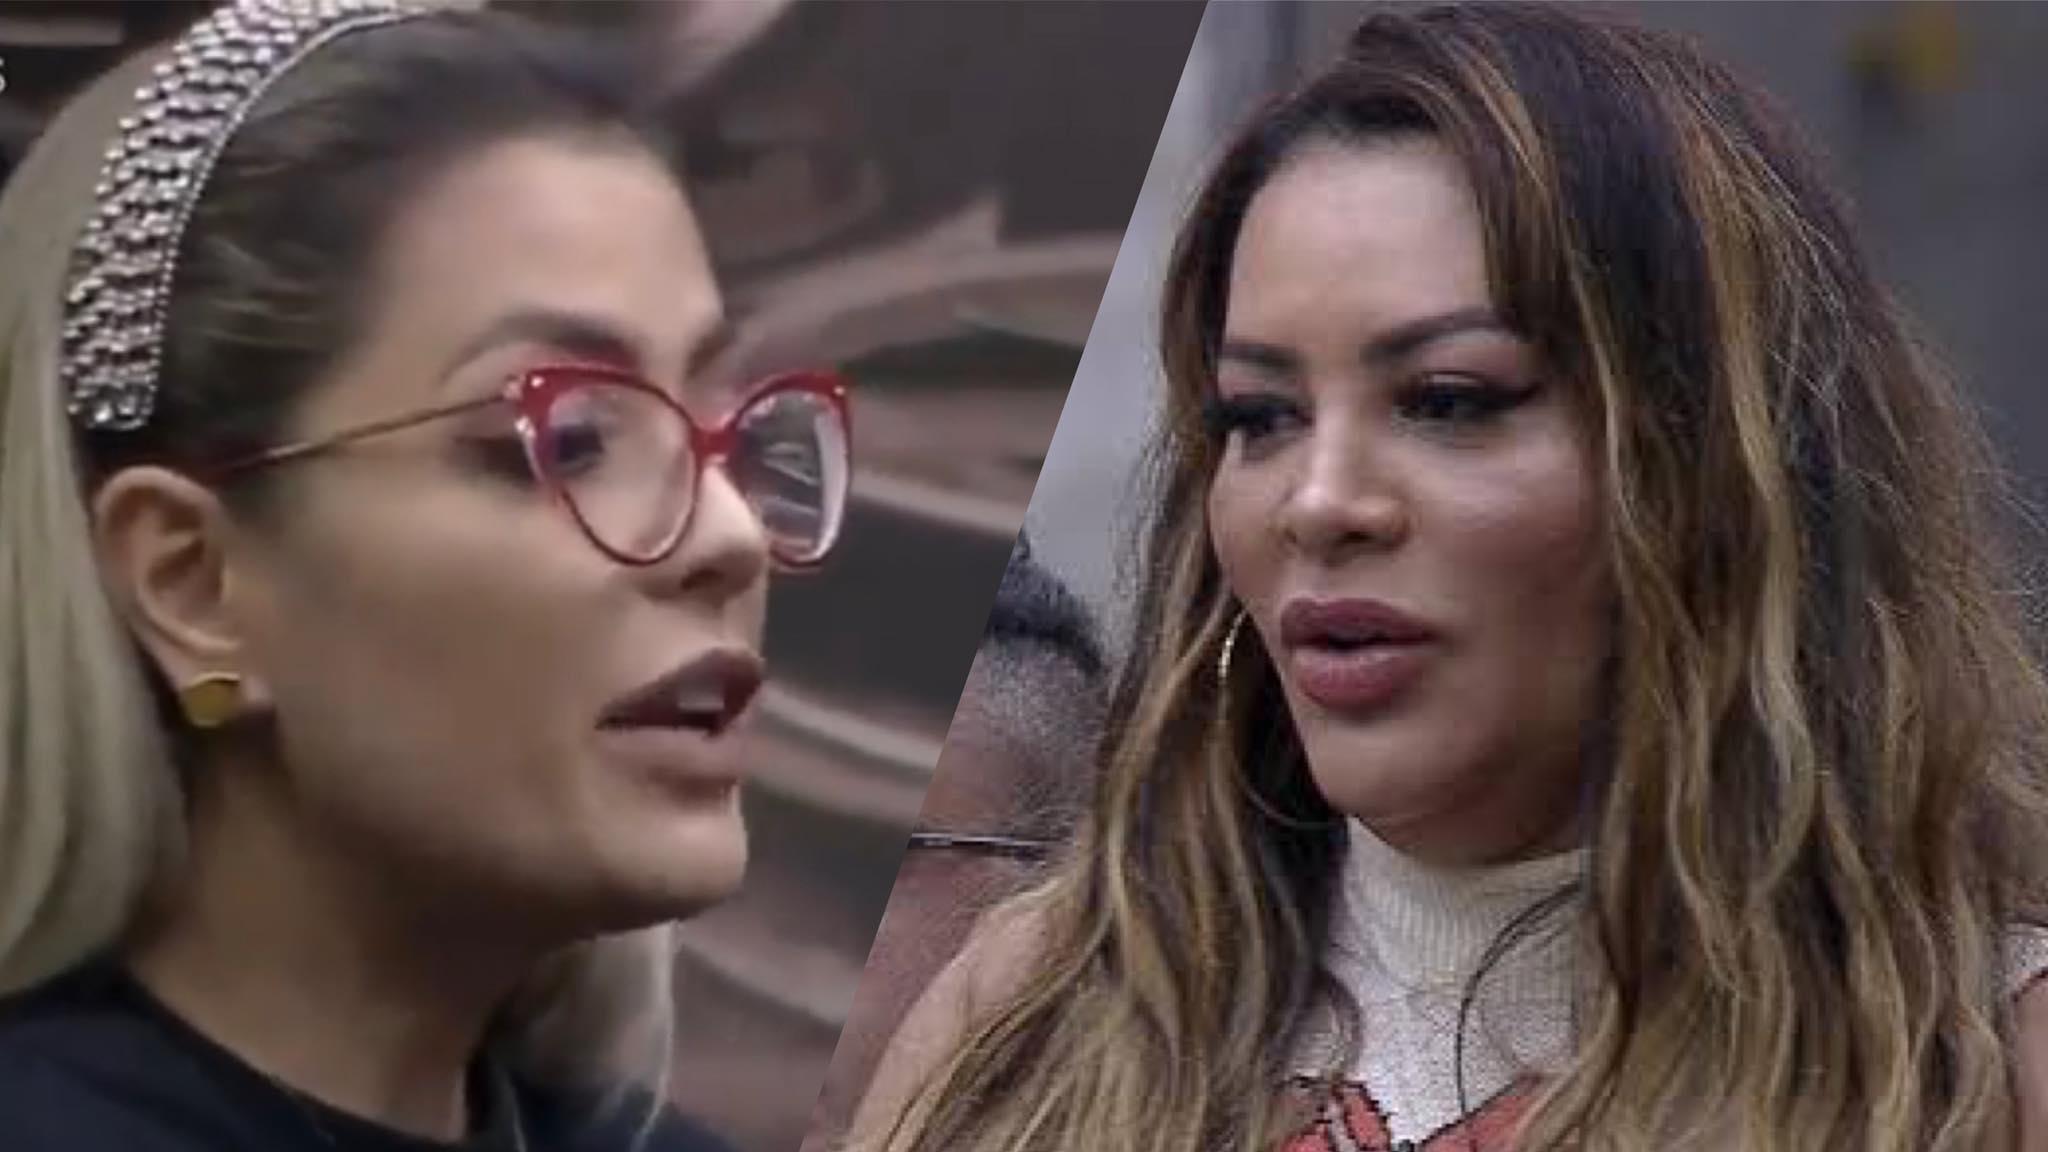 Li Martins diz que Márcia Fellipe à empurrou na volta da DR, na noite de quinta-feira no Power Couple (montagem: Fashion Bubbles)